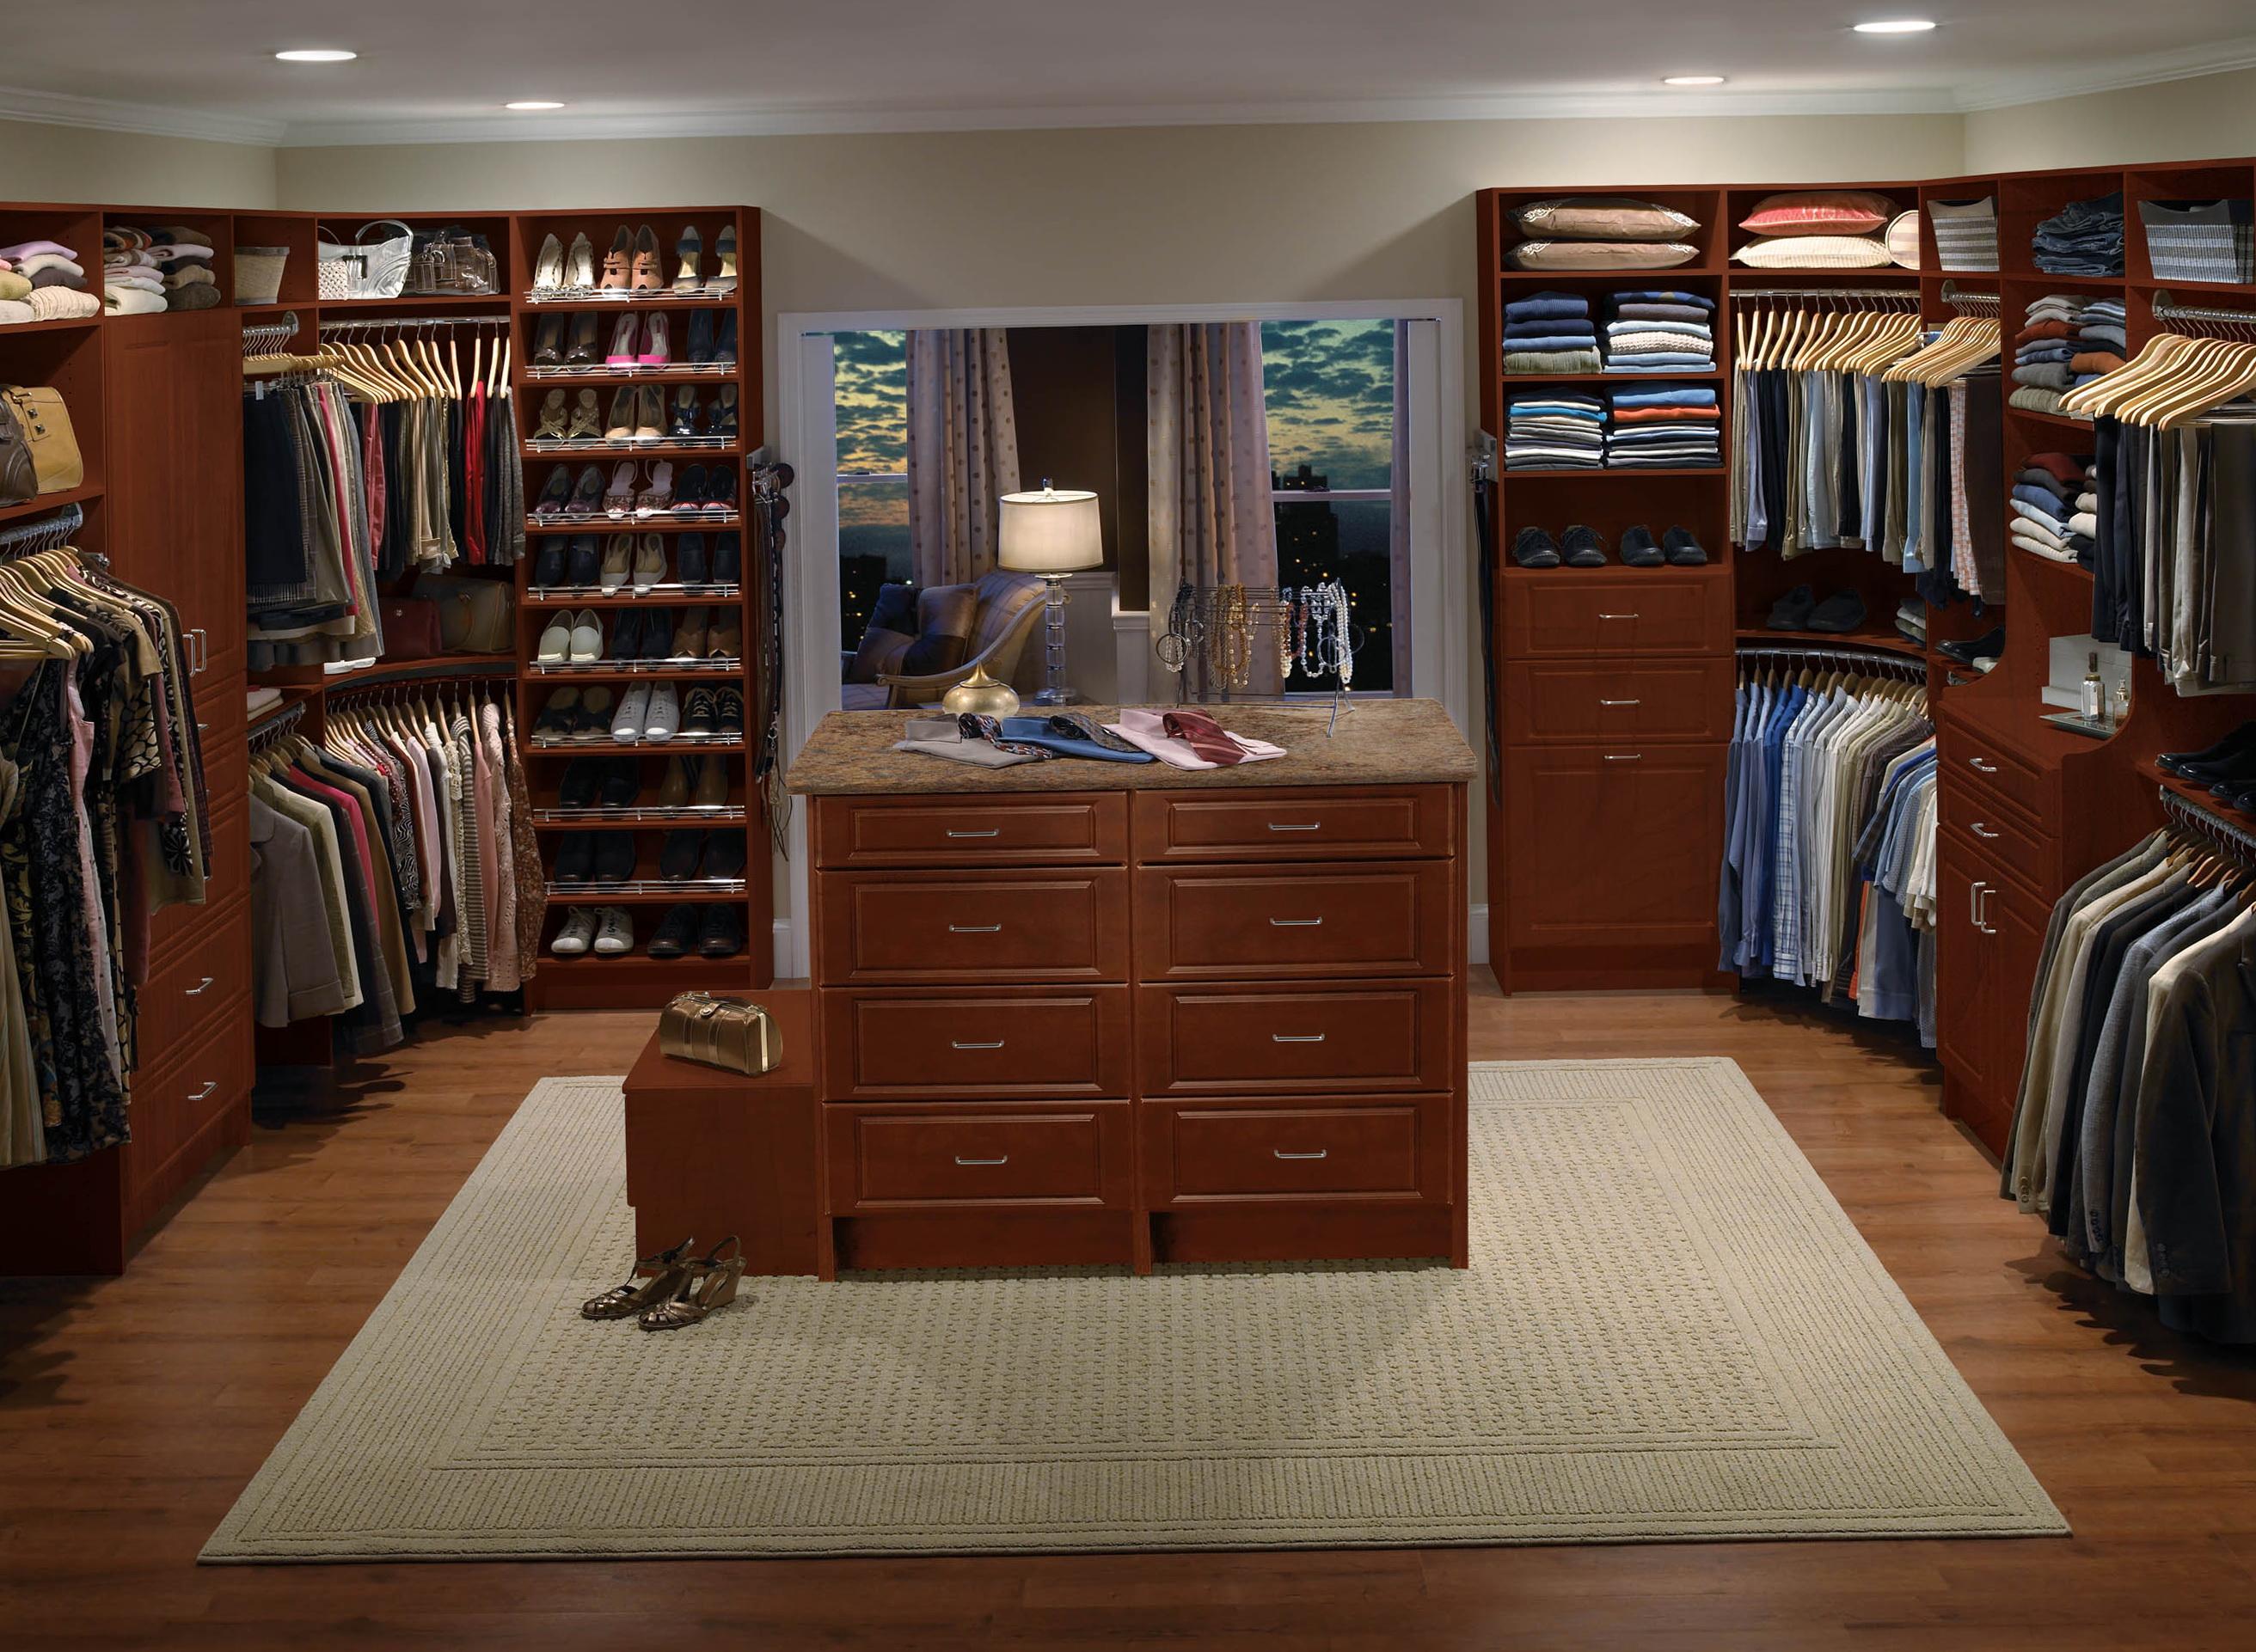 fashion door mens essentials style ideas closet small app organizer com alexandrialitras